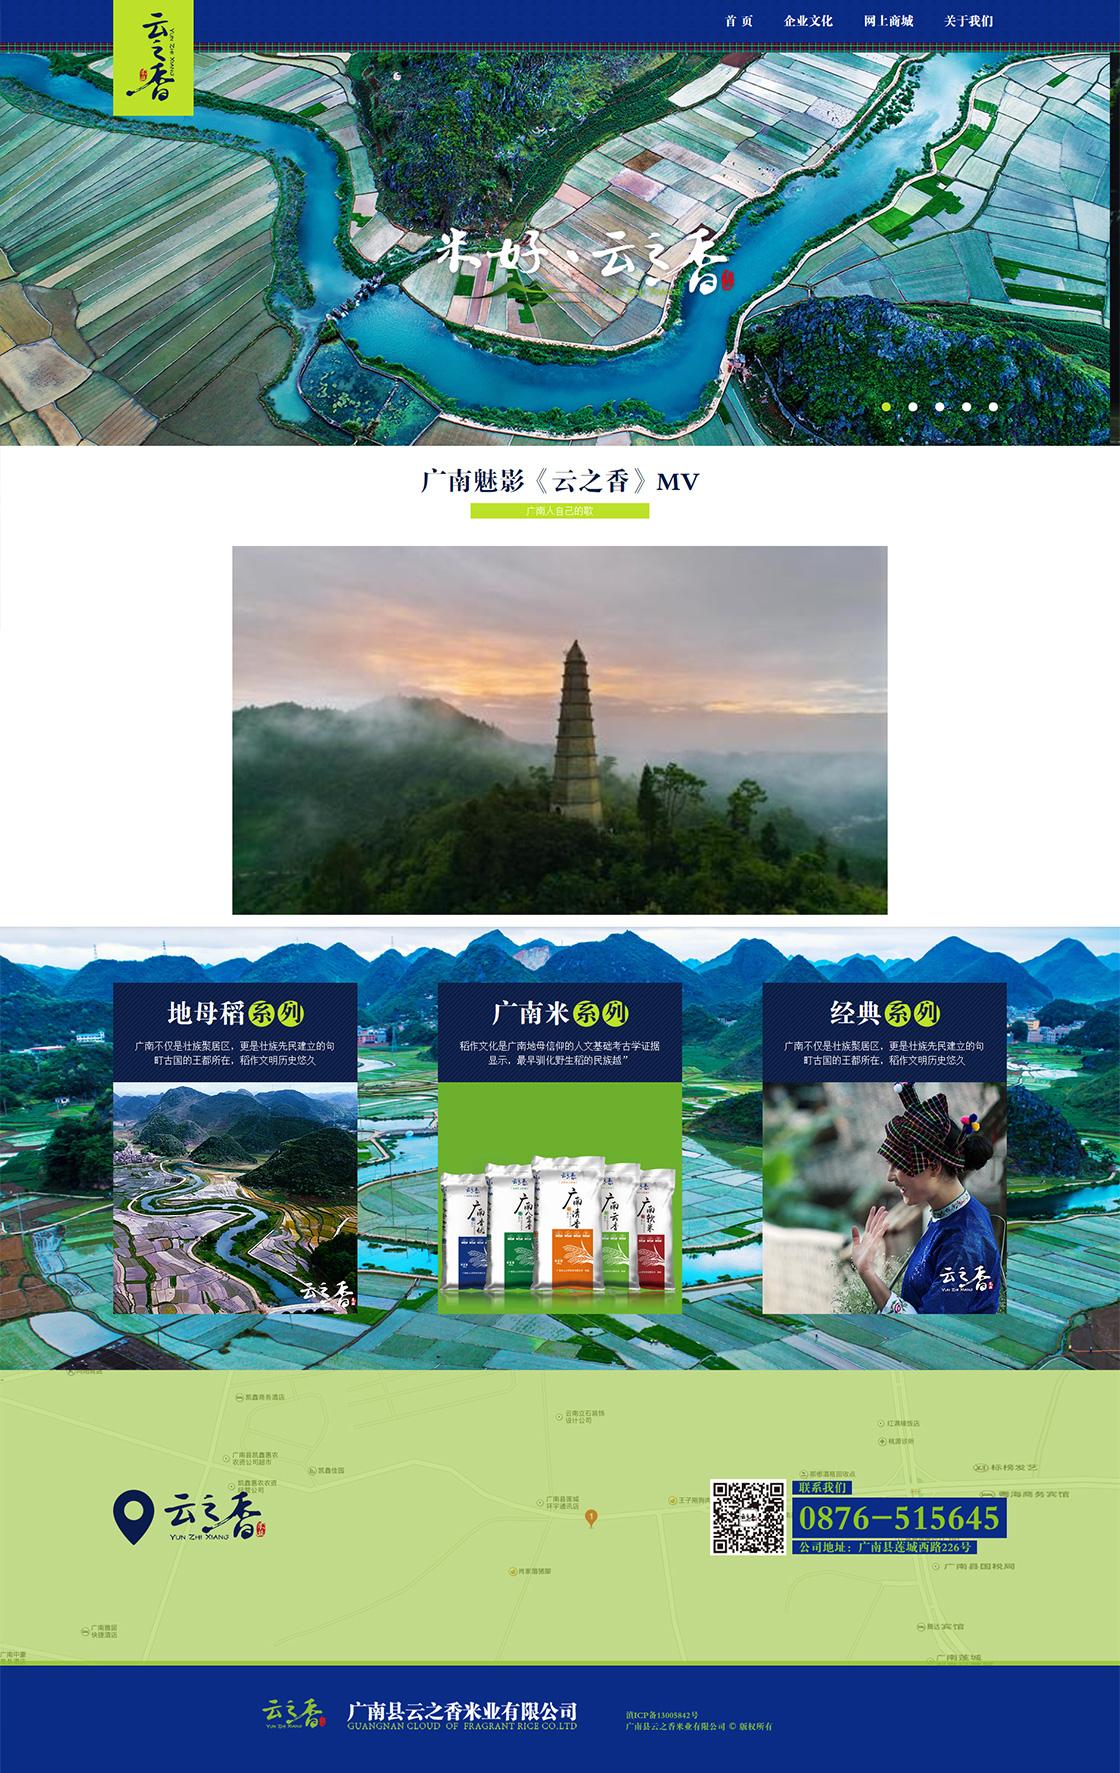 南昌品牌展示类品牌网站建设.jpg